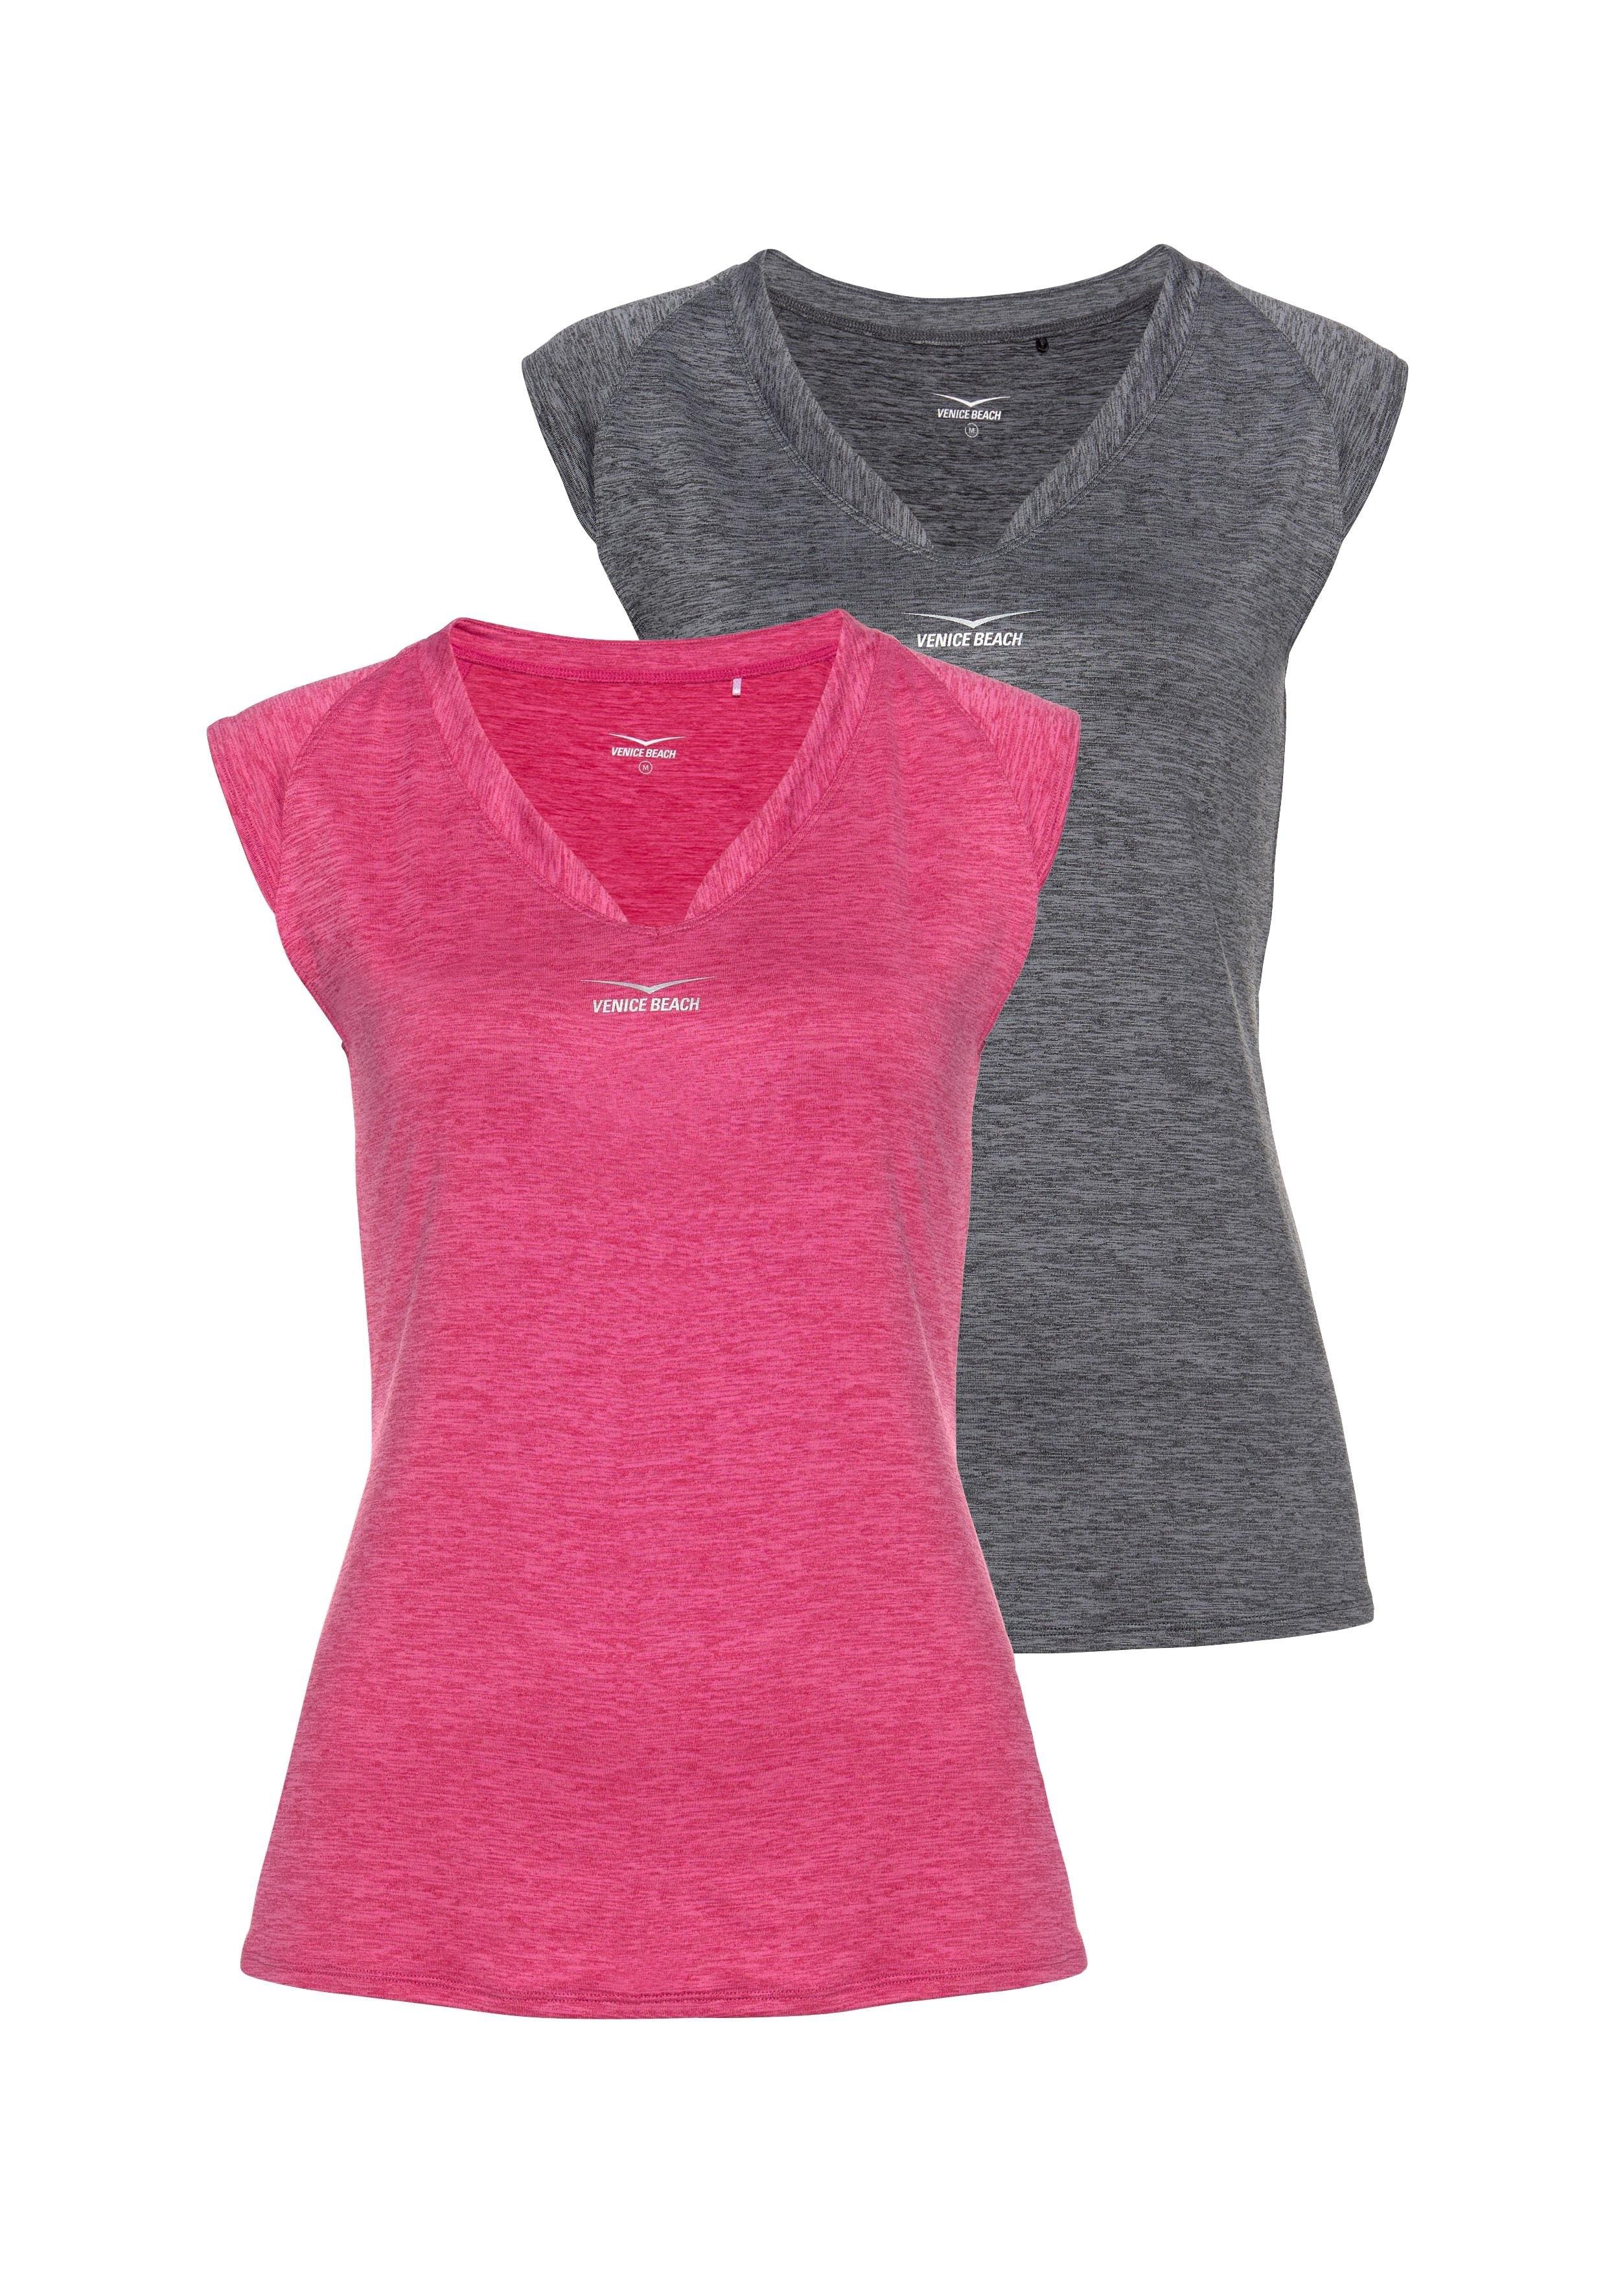 VENICE BEACH functioneel shirt nu online kopen bij OTTO